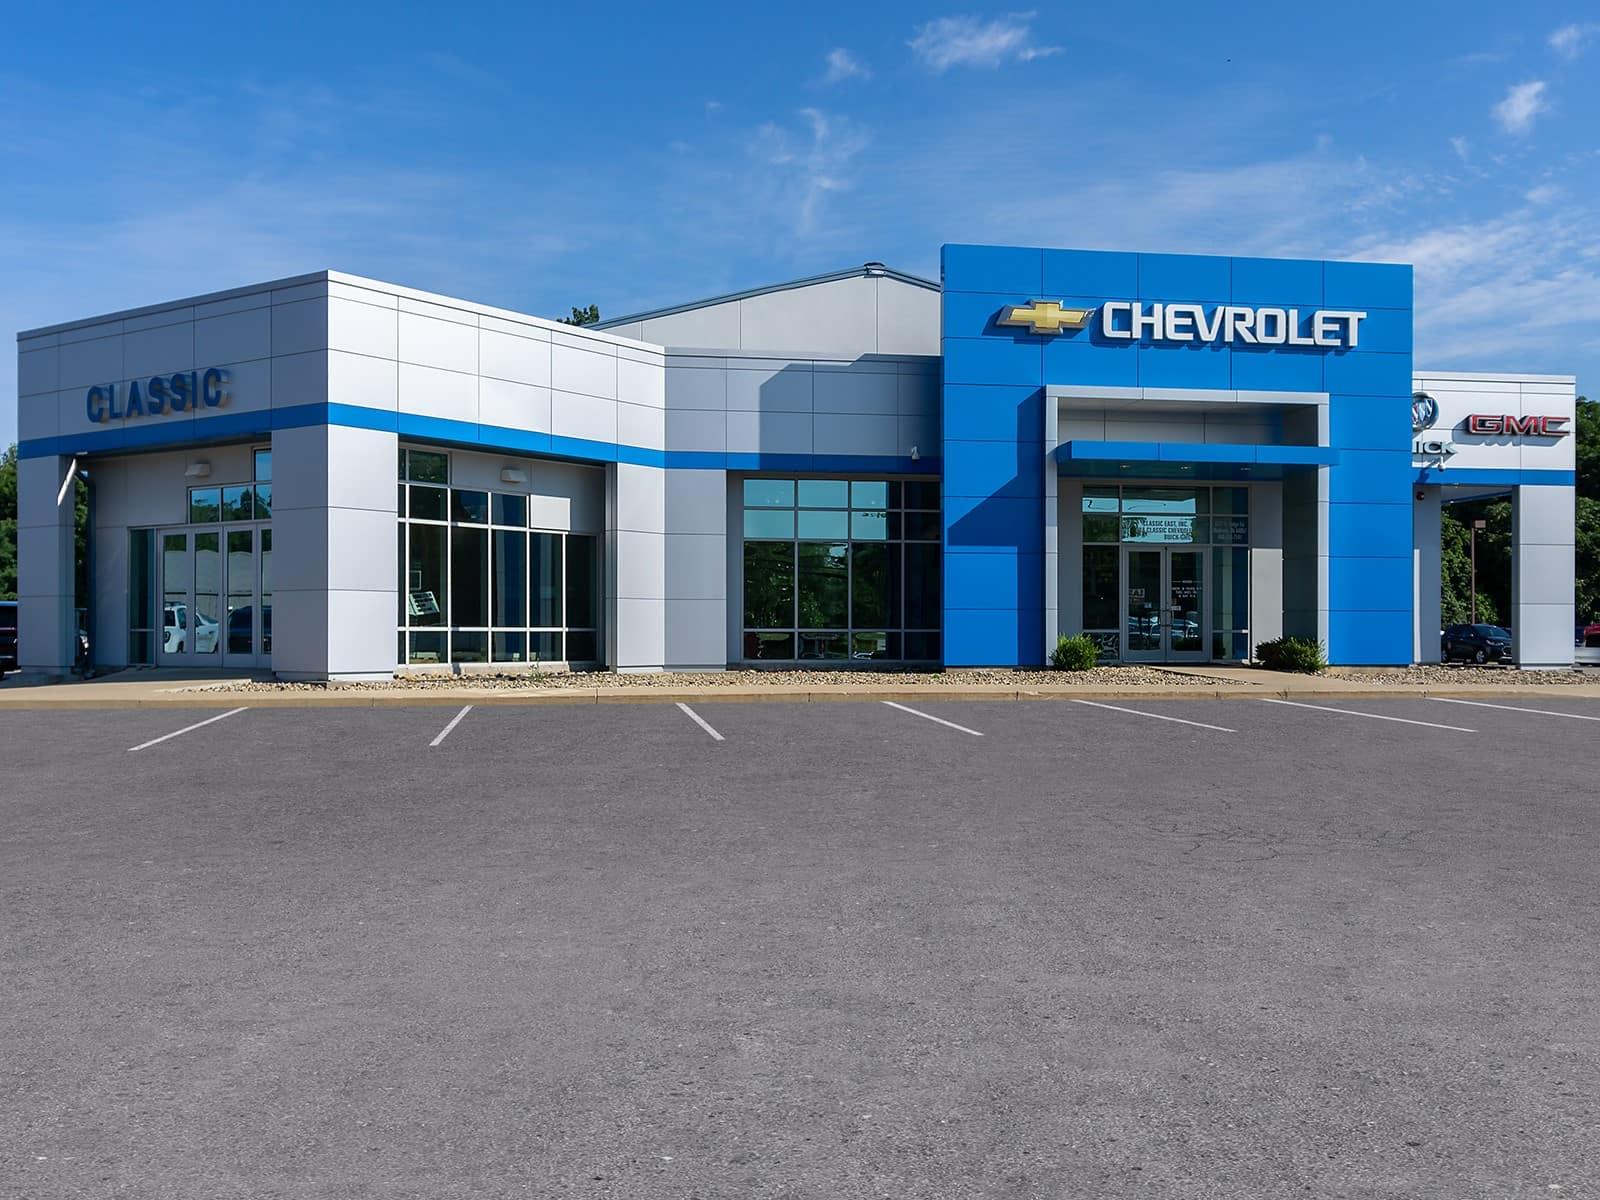 An exterior shot of a Chevrolet dealership.